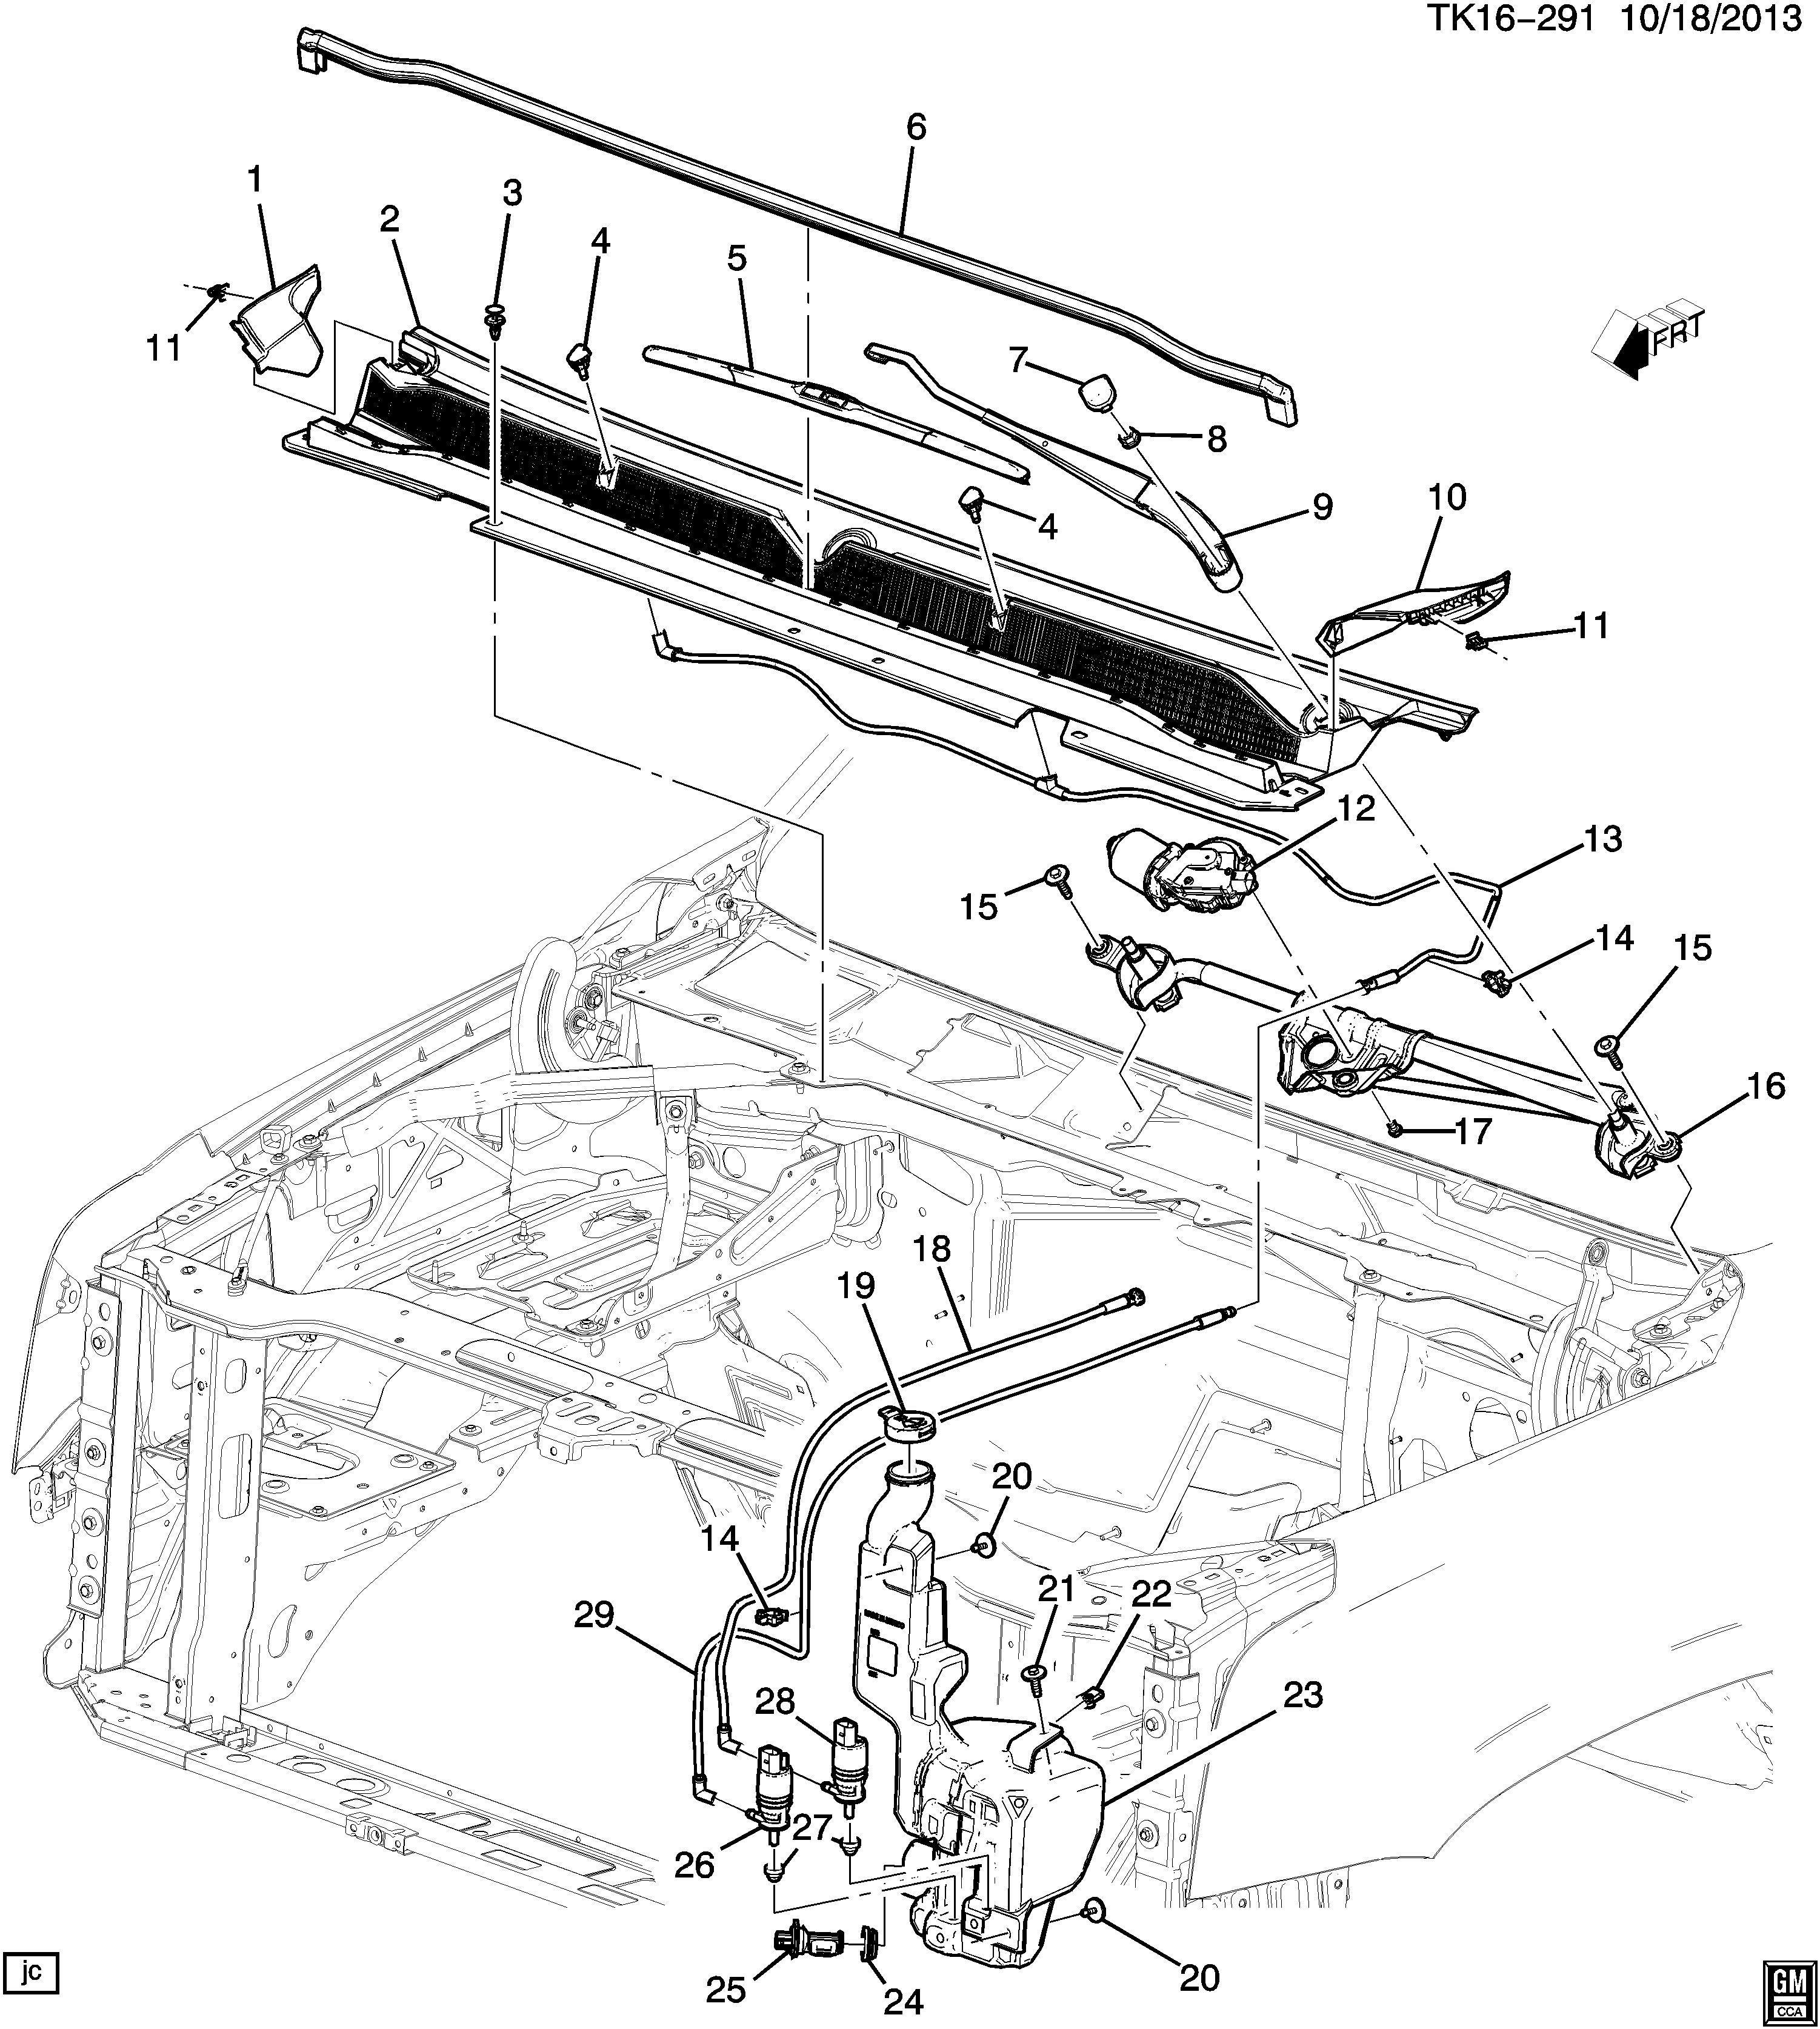 Chevrolet Suburban 3500 Hd Arm  Windshield Wiper Transmission  Arm  Wsw Black  - Rh